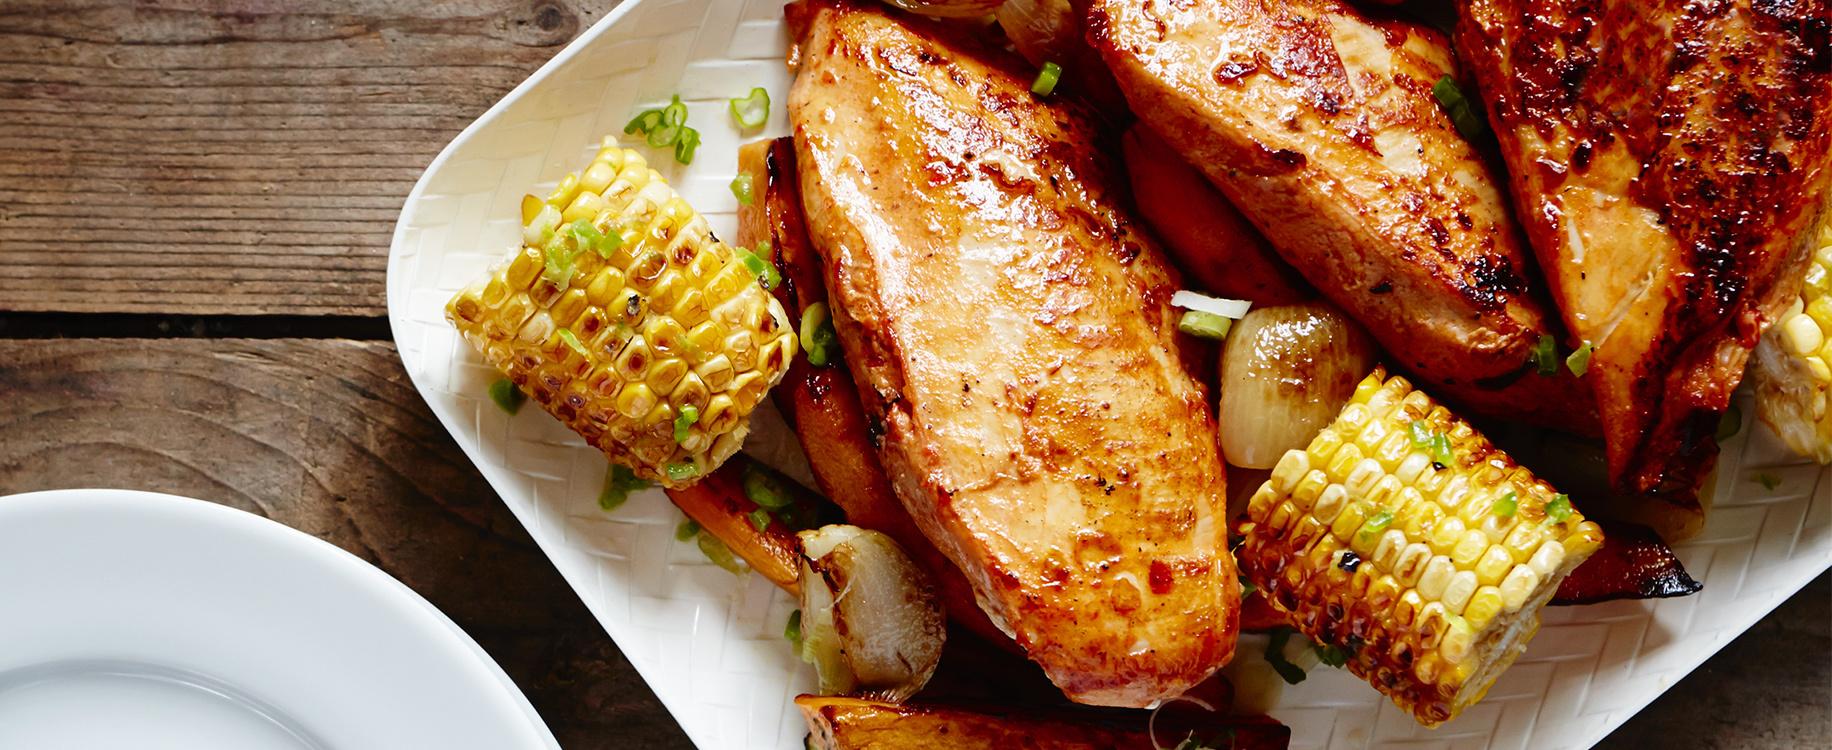 Poitrines de poulet BBQ whisky cassonade patates douces et mais